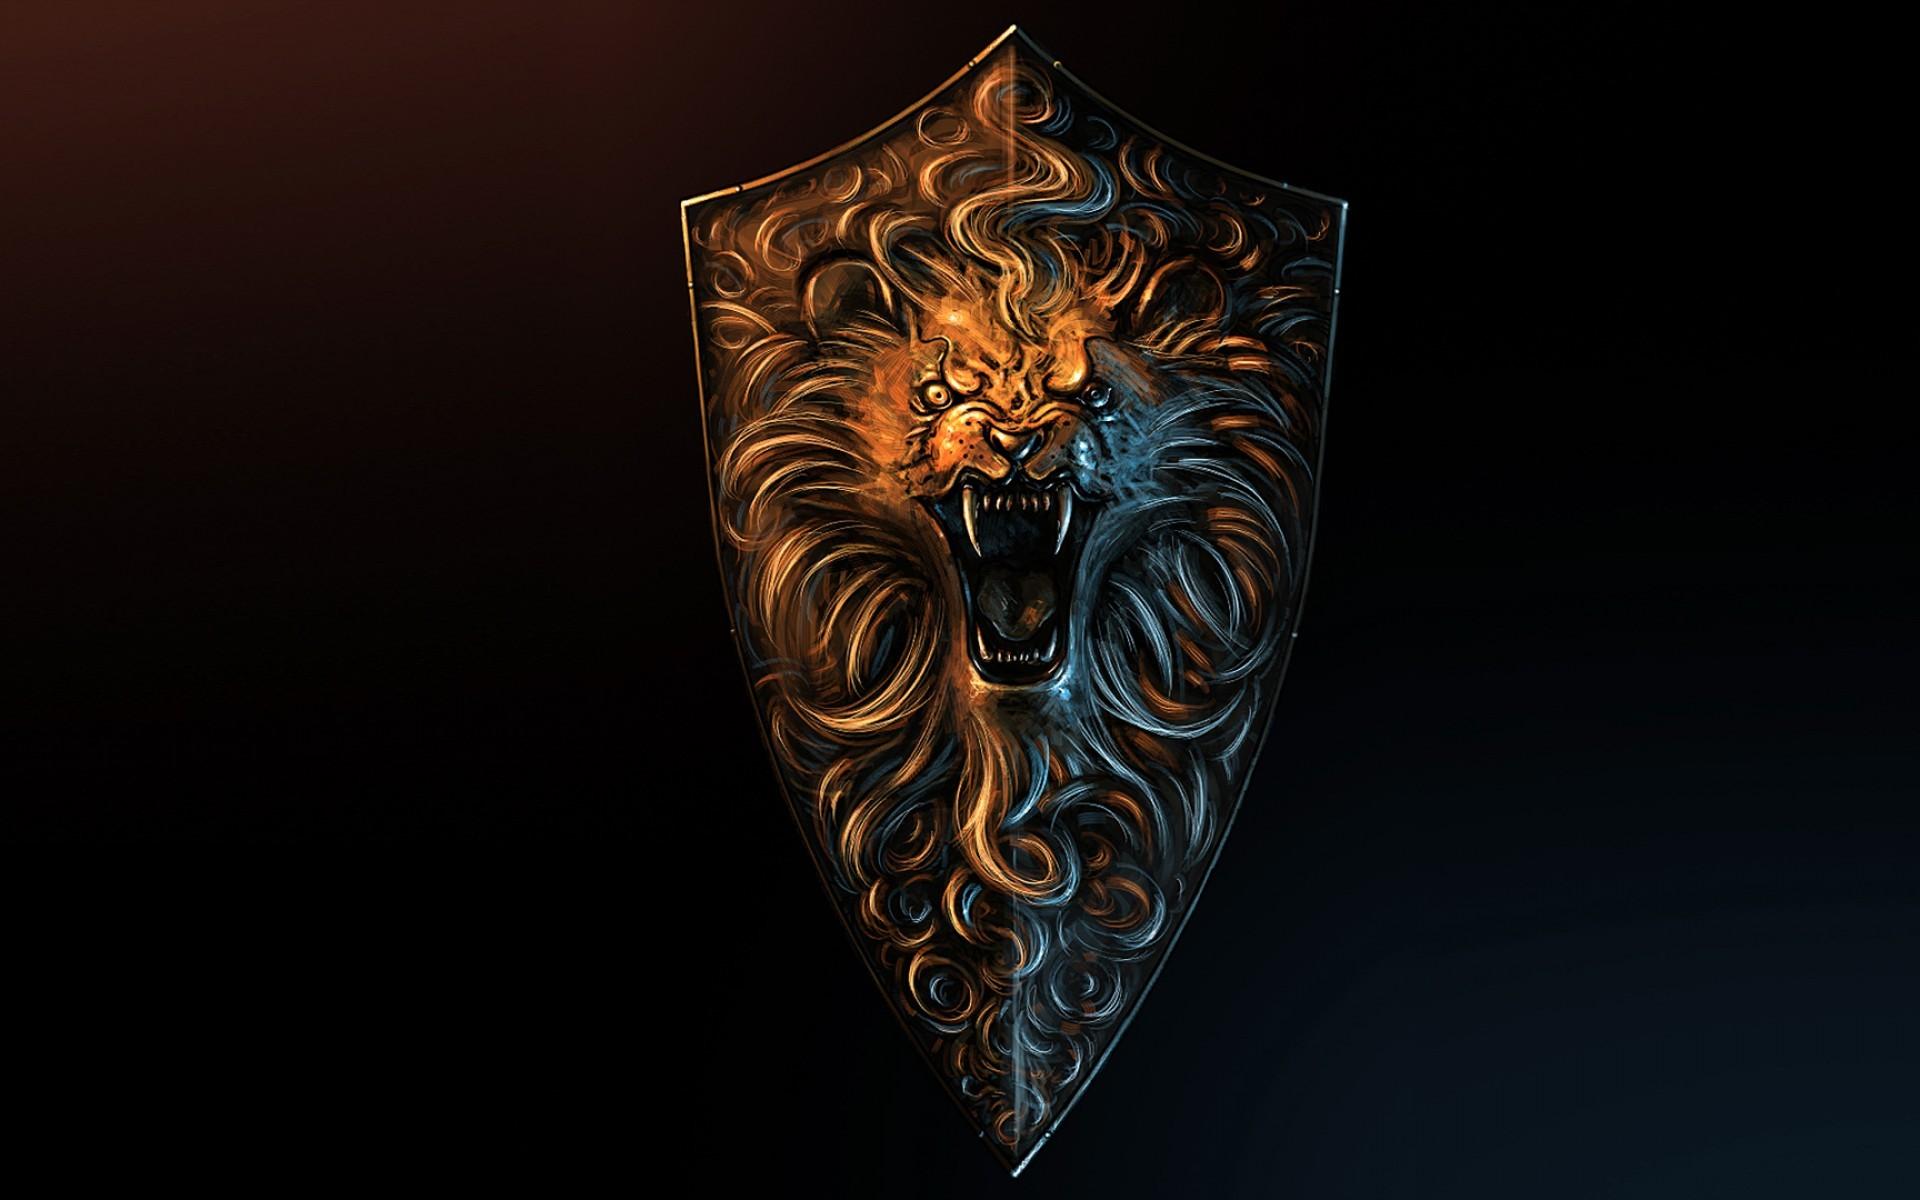 Dark Souls Lion wallpaper | 1920x1200 | 100541 | WallpaperUP